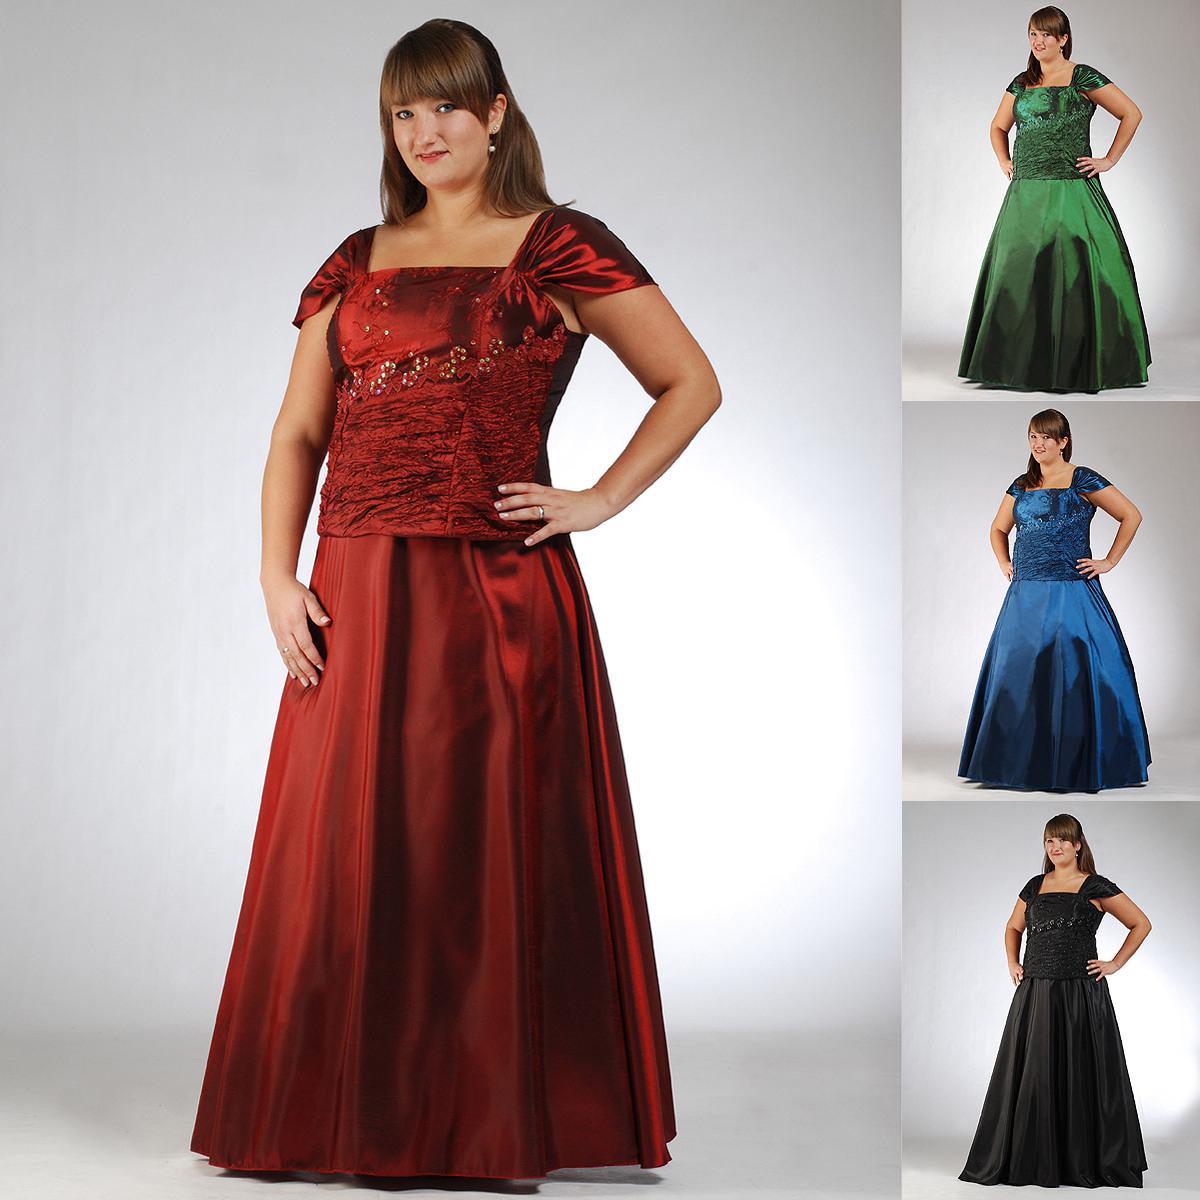 Schön Abendkleid In Größe 48 Stylish20 Einzigartig Abendkleid In Größe 48 Boutique